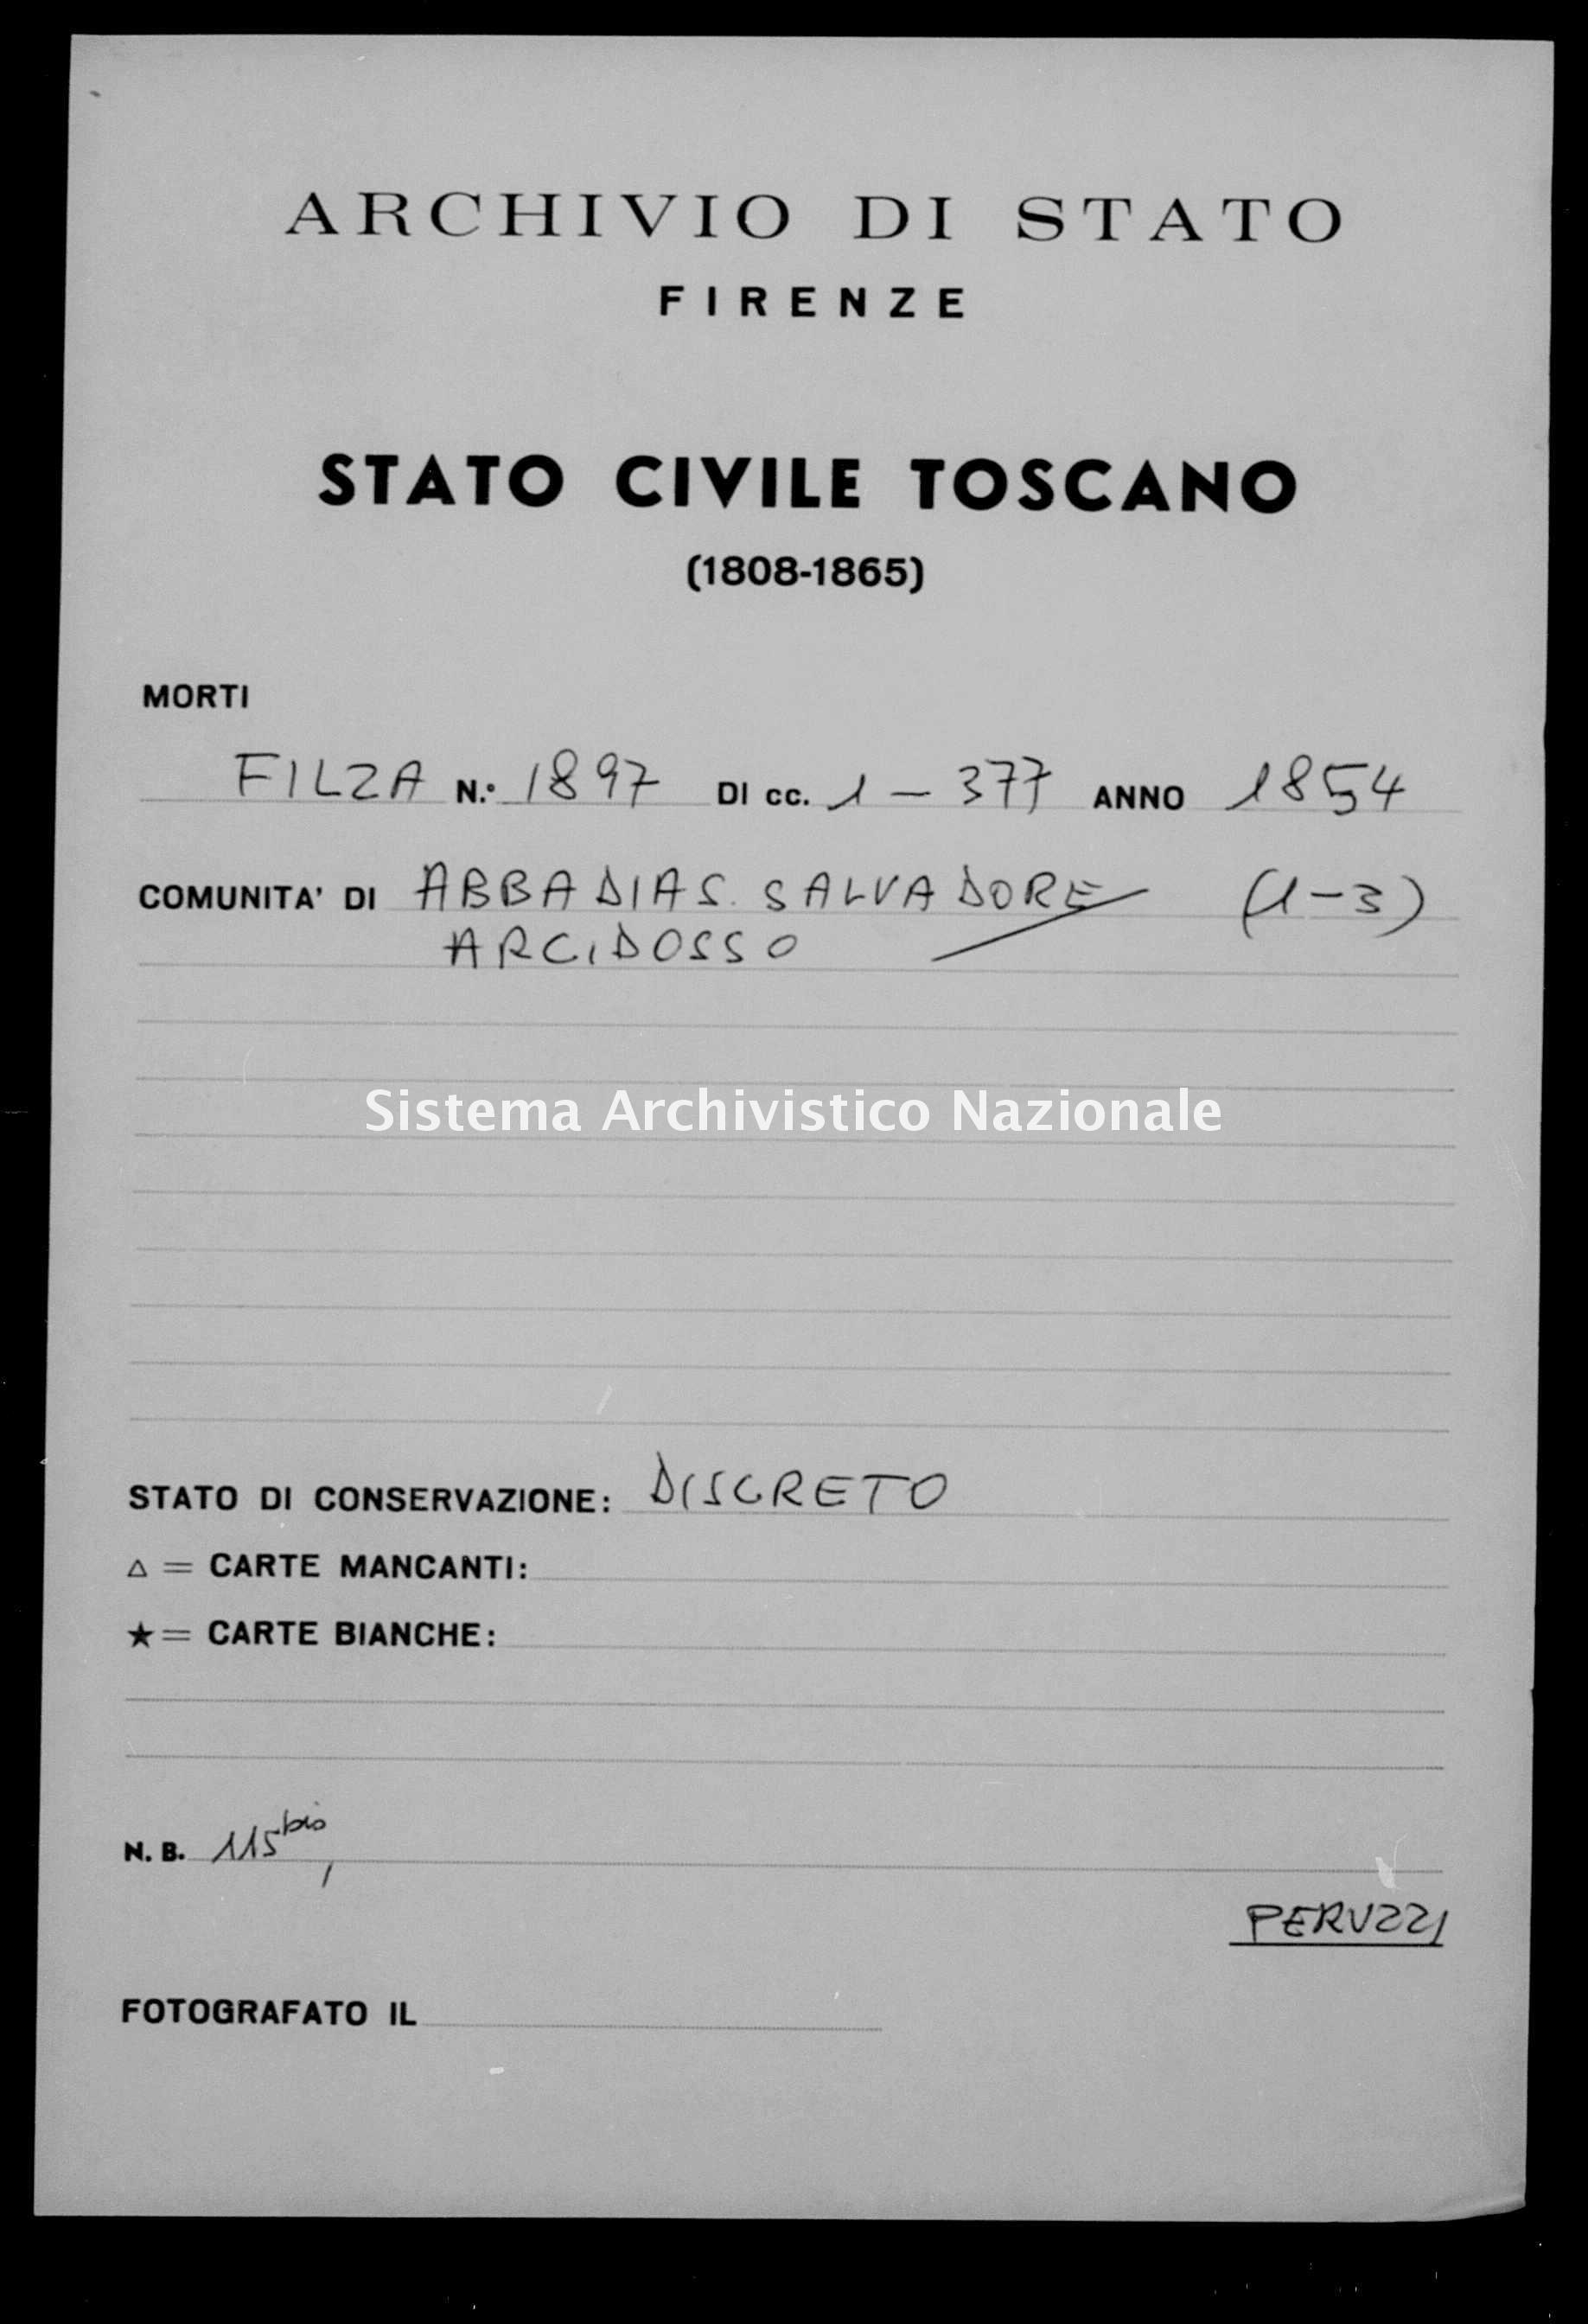 Archivio di stato di Firenze - Stato civile della restaurazione - Abbadia San Salvatore - Morti - 1854 - 1897 -